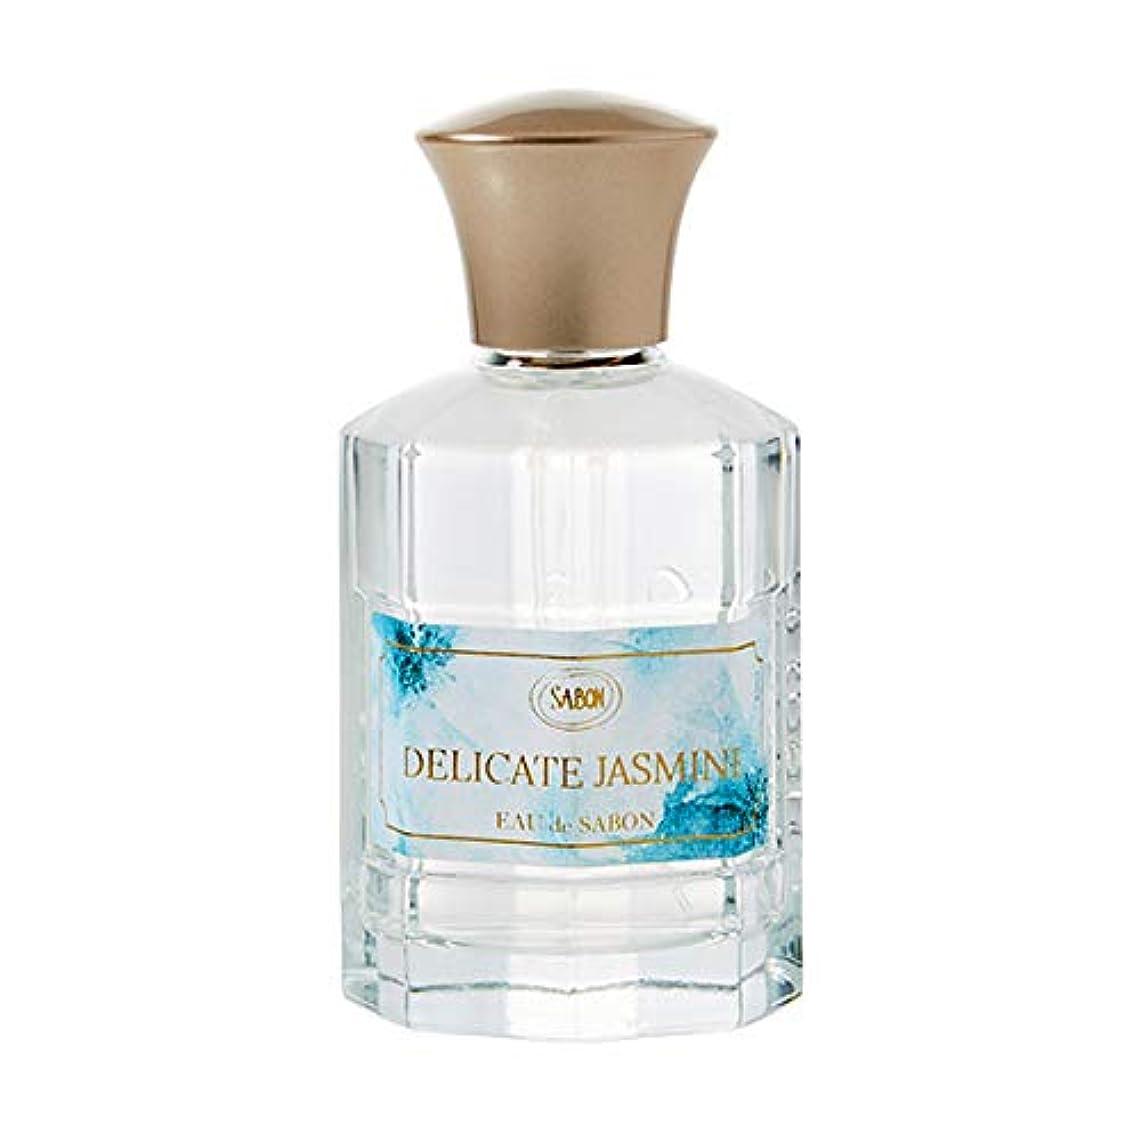 バングラデシュ手つかずの絶対にサボン SABON オー ドゥ サボン デリケートジャスミン ( DELICATE JASMINE ) 80ml オードトワレ フレグランス 香水 パフューム デイリーパフューム